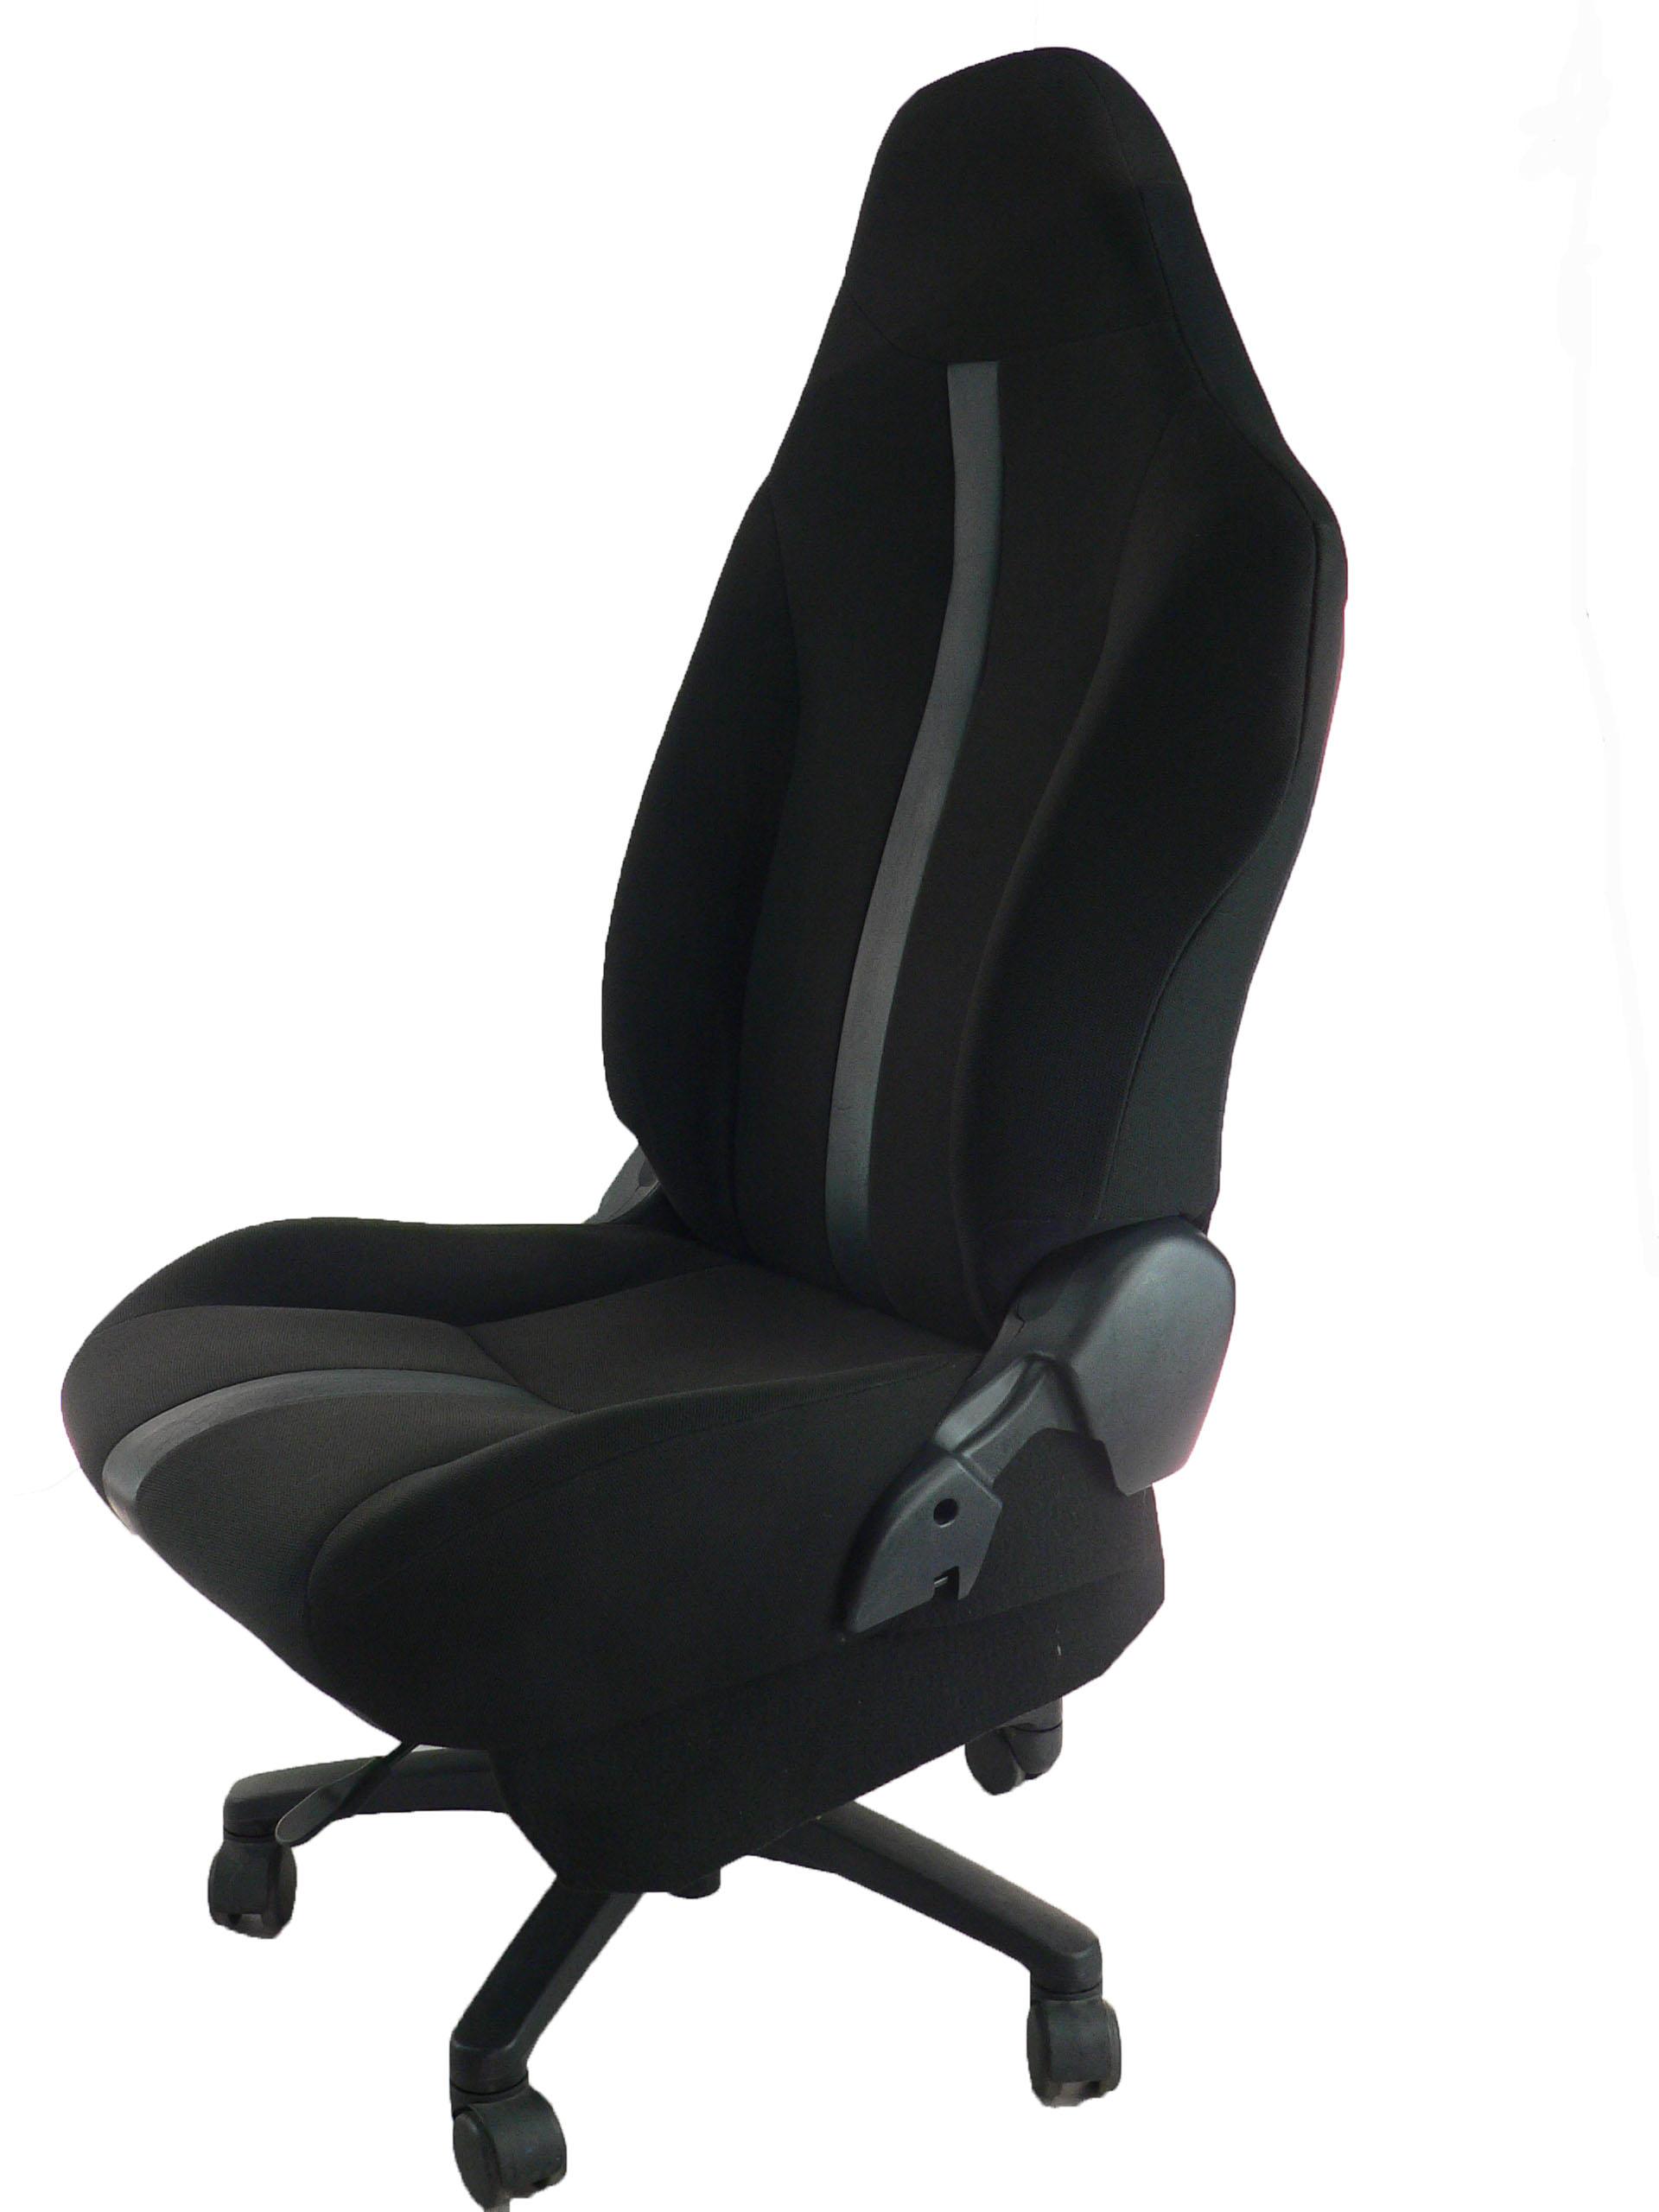 トヨタWILL VS ZZE127★自動車シートがリクライニングチェアー(デスクチェア)に、環境と健康に優しい椅子。